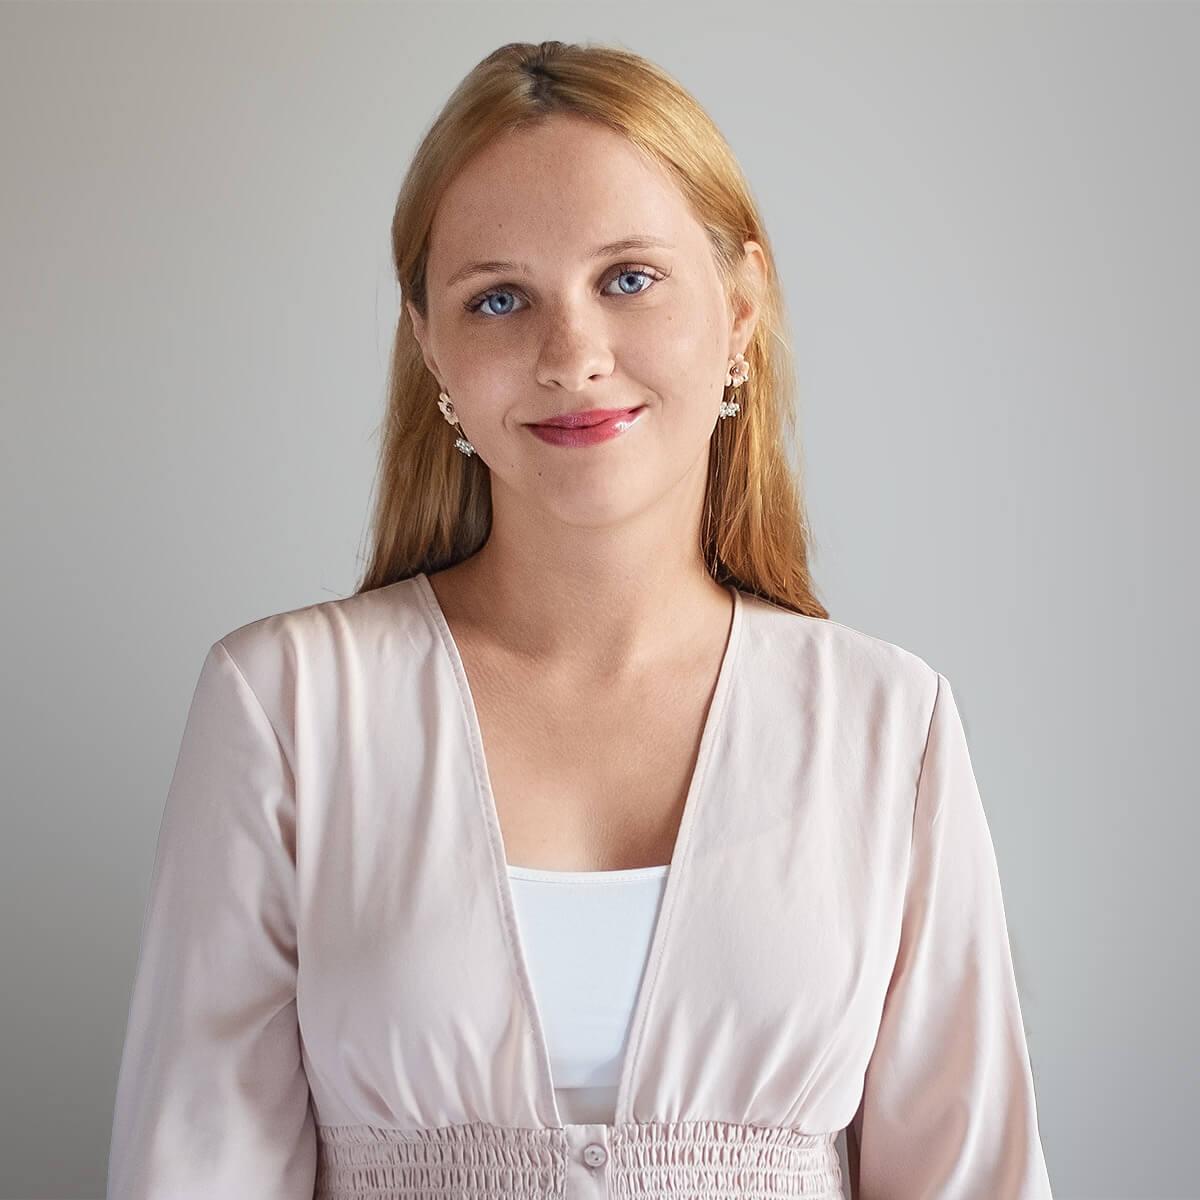 Julia Książek